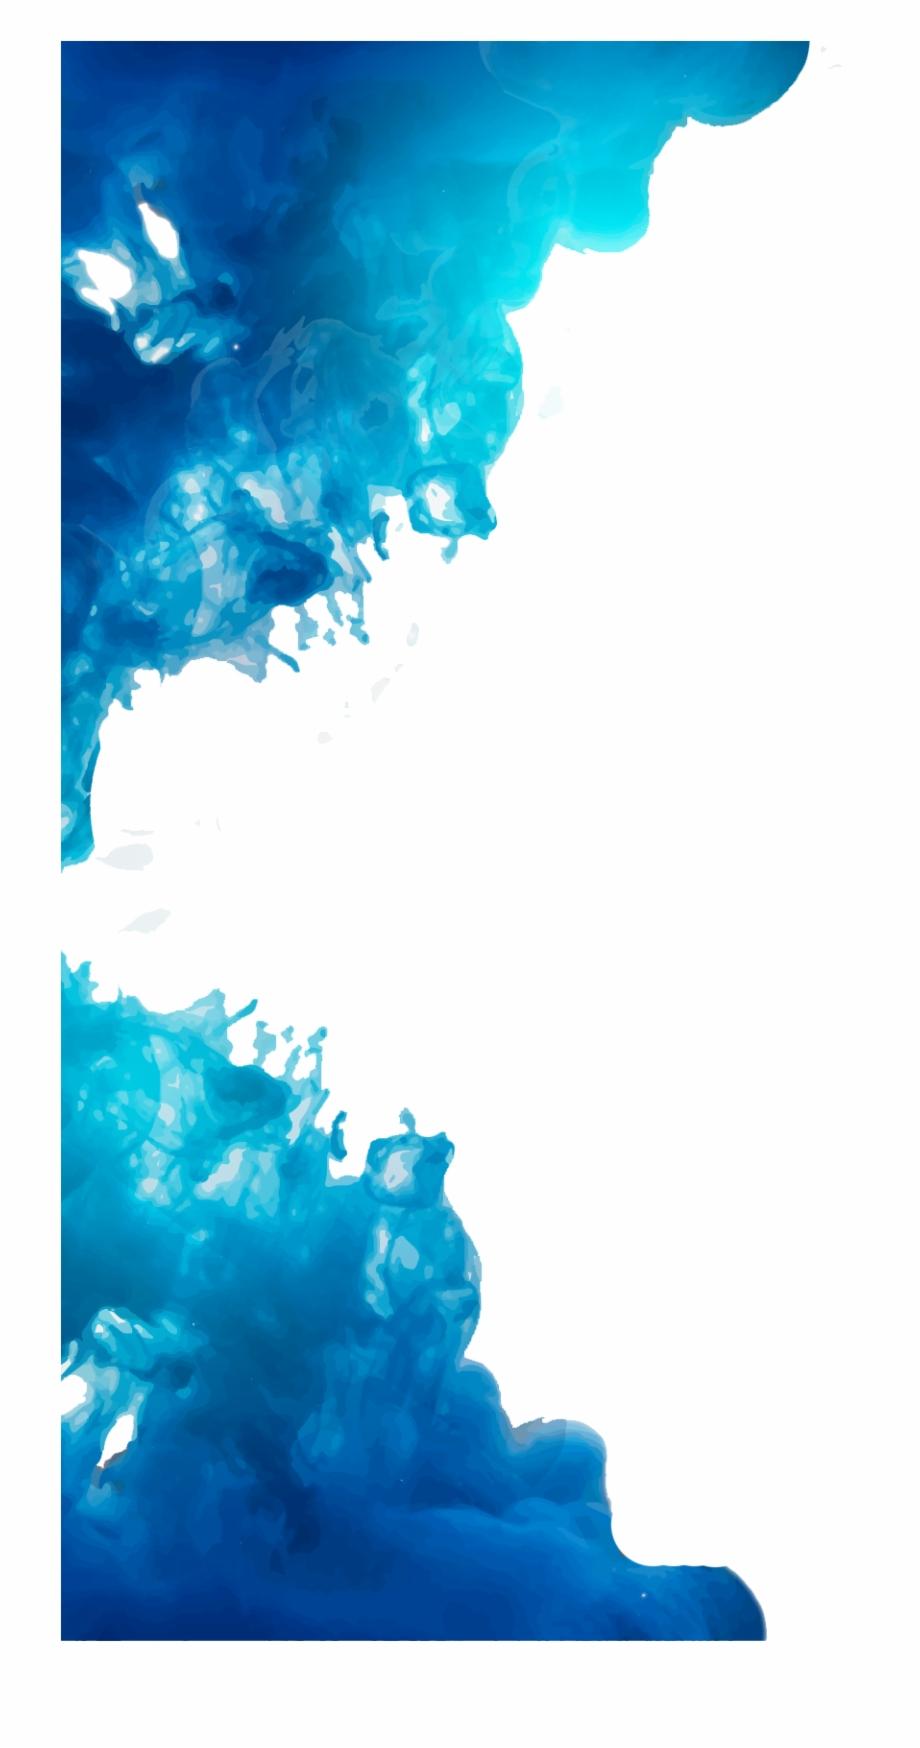 Blue Smoke Png Image Free Download.